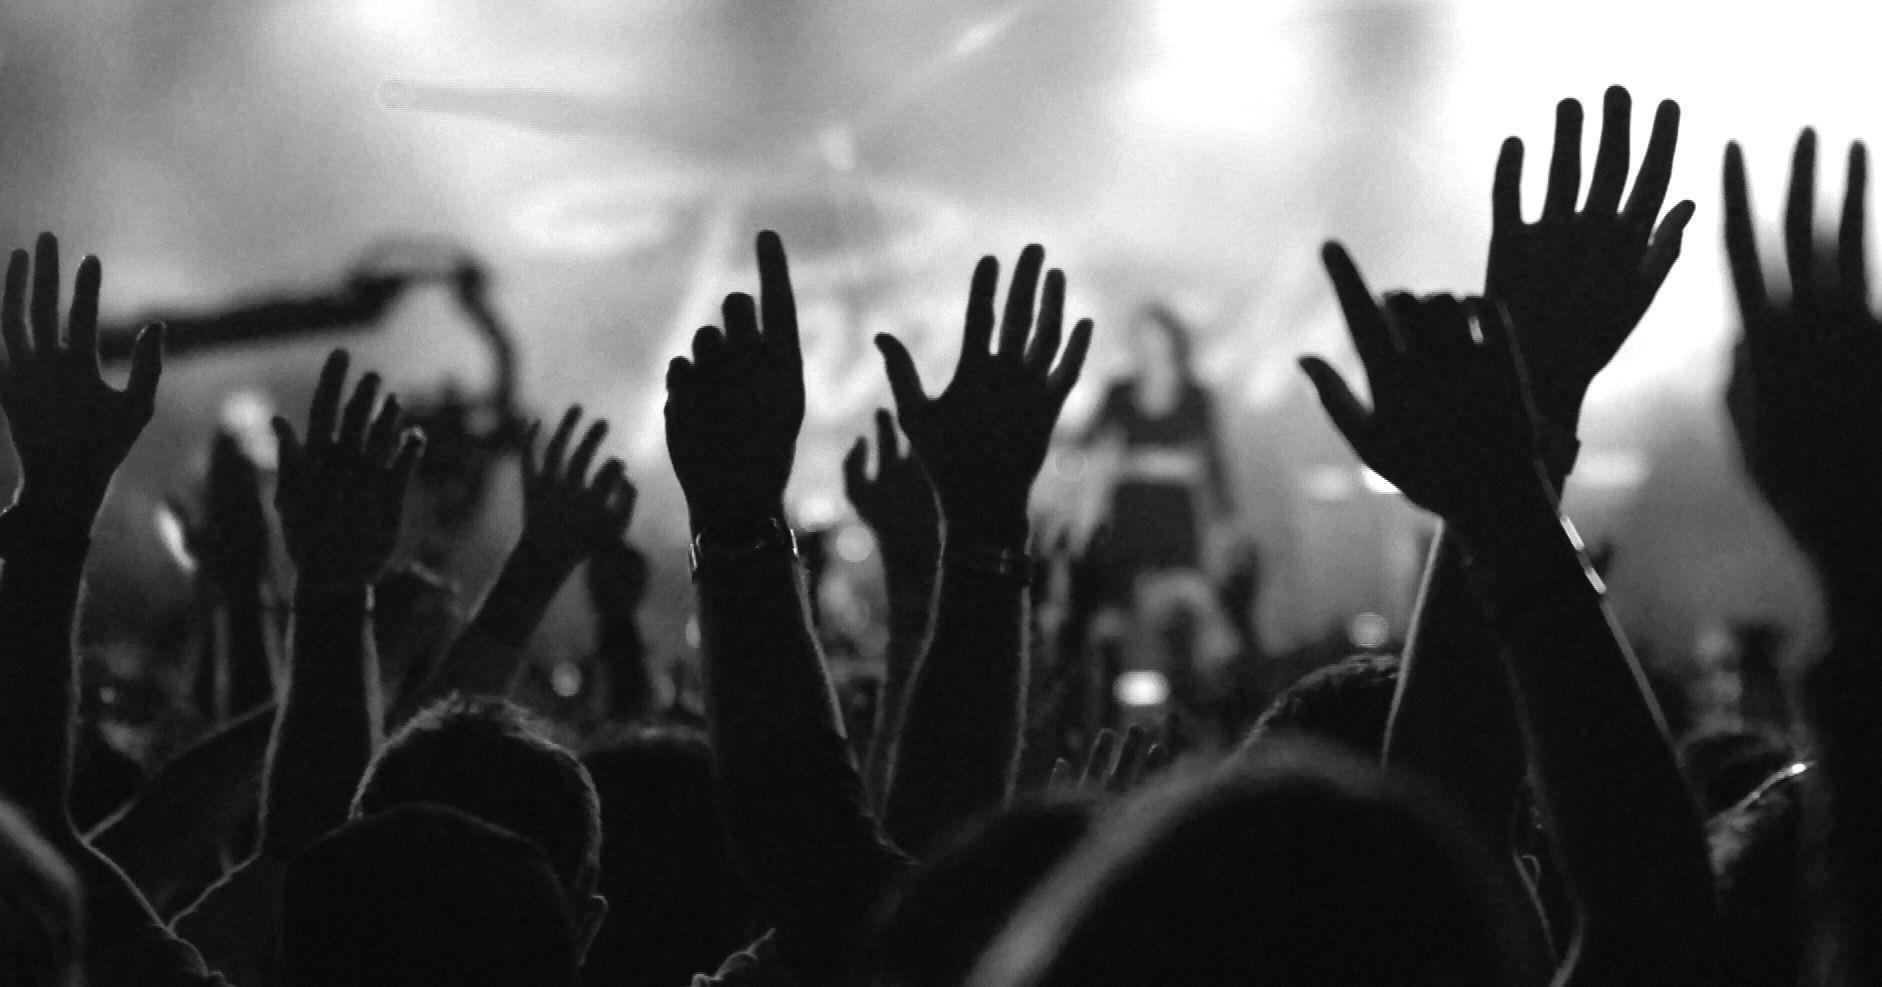 worship-background_crop1.jpg (1882×987)  | Worship backgrounds, Worship songs, Popular worship songs